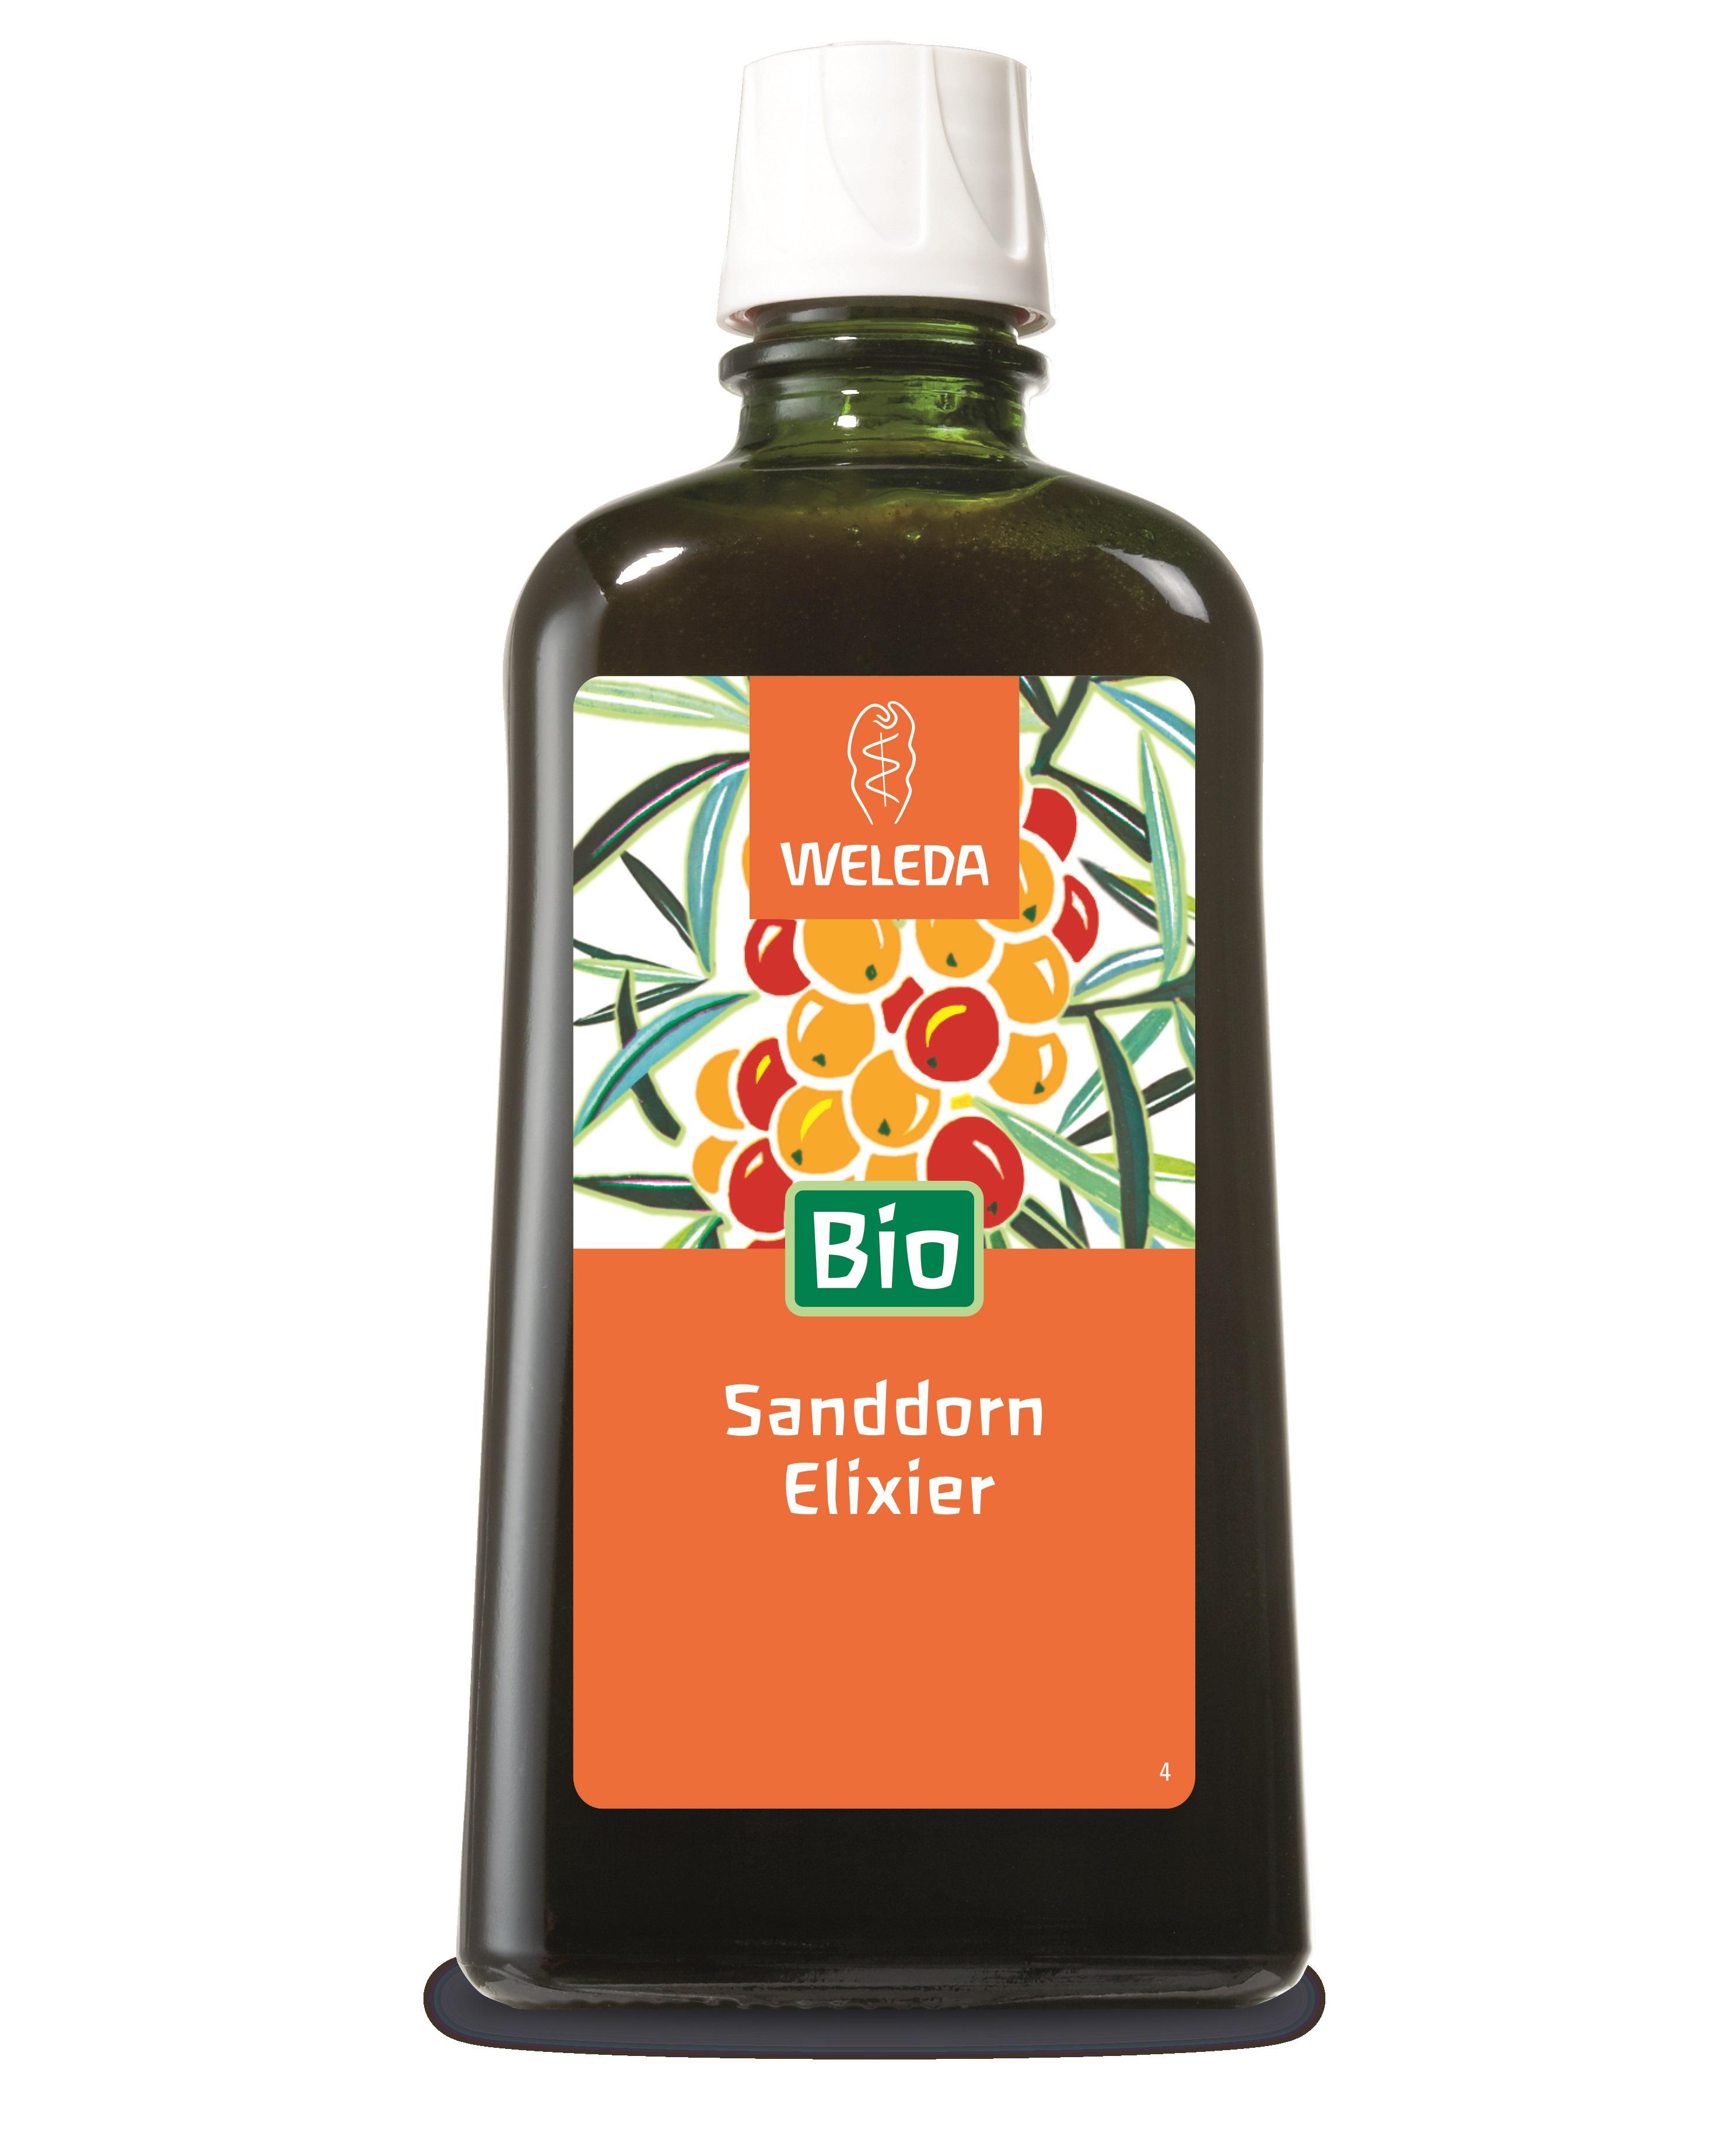 Описание наWELEDAЕликсир отОблепихаx200мл:   Този продукт с маркаВеледа е течен плодов екстракт за тонус, подходящ за поддържане на имунитета,по-бързото възстановяване при настинка, умора илинапрегнат начин на живот, също така за ученици, спортисти и пушачи.Той представлява вкусна напитка от облепиха, мед, захар и витамин C.Предлага се в удобна опаковка от 200мл.    Състав наWELEDAЕликсир отОблепихаx200мл: